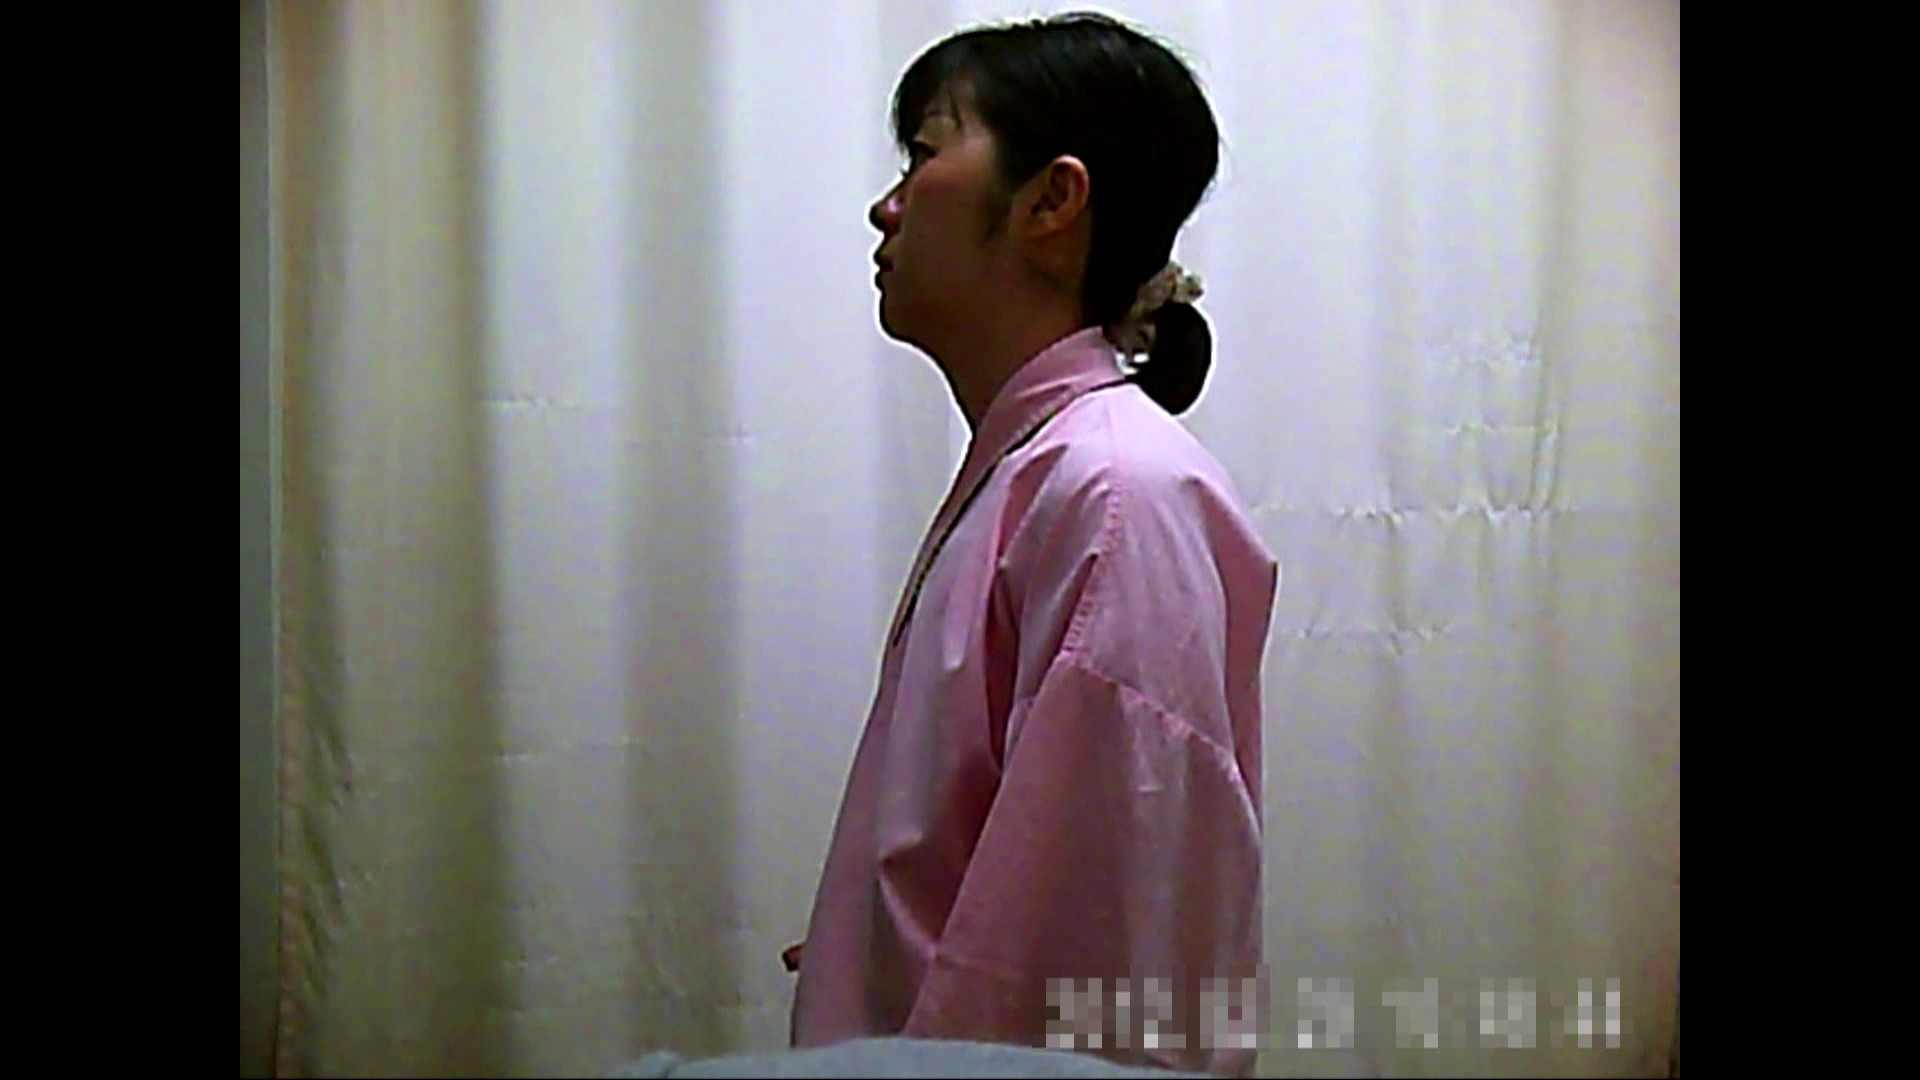 元医者による反抗 更衣室地獄絵巻 vol.271 OLハメ撮り  97Pix 71